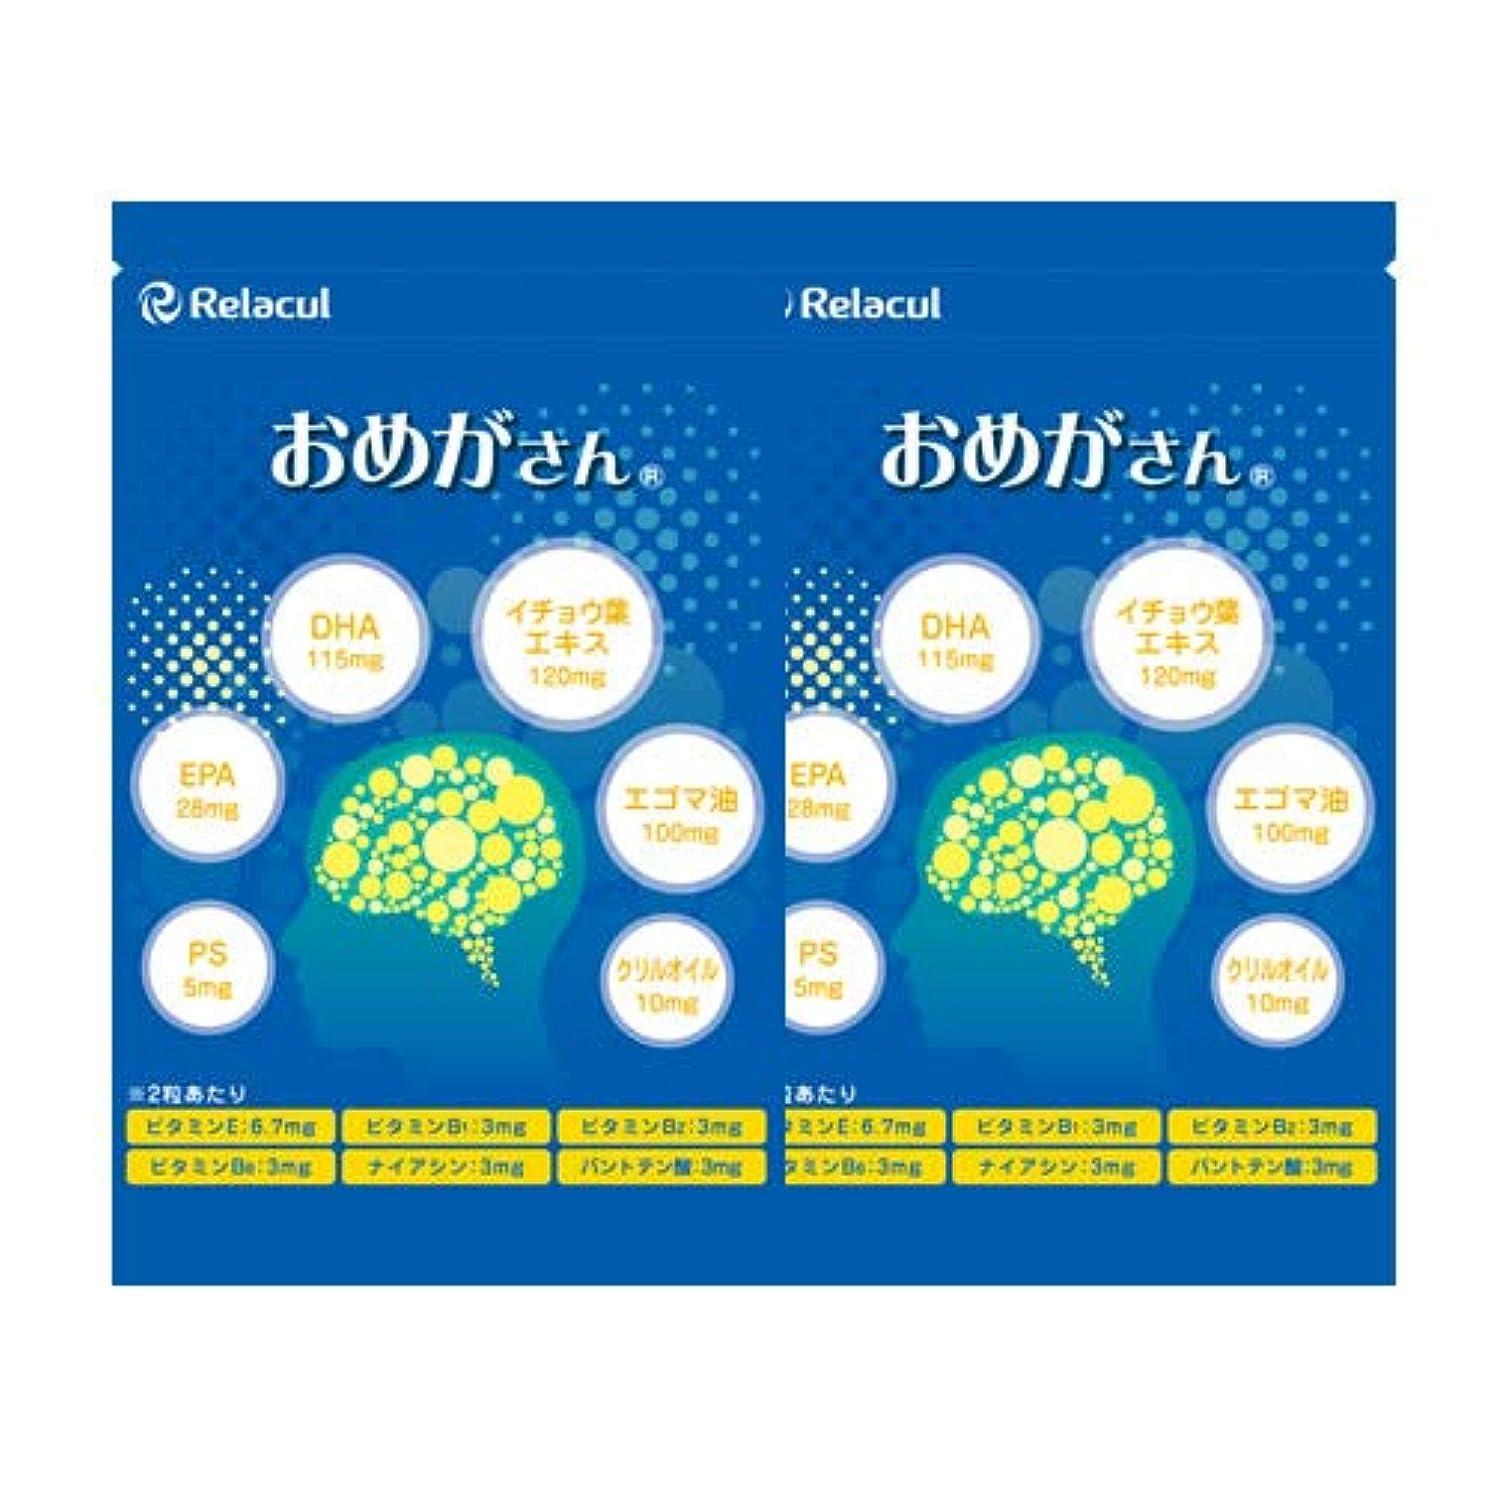 深くステンレス。オメガ3脂肪酸 DHA EPA サプリ (日本製) うっかり 対策 サプリメント [偏った食生活に] フィッシュオイル イチョウ葉エキス エゴマ油 クリルオイル [おめがさん 2袋セット] 120粒入 (約2か月分)